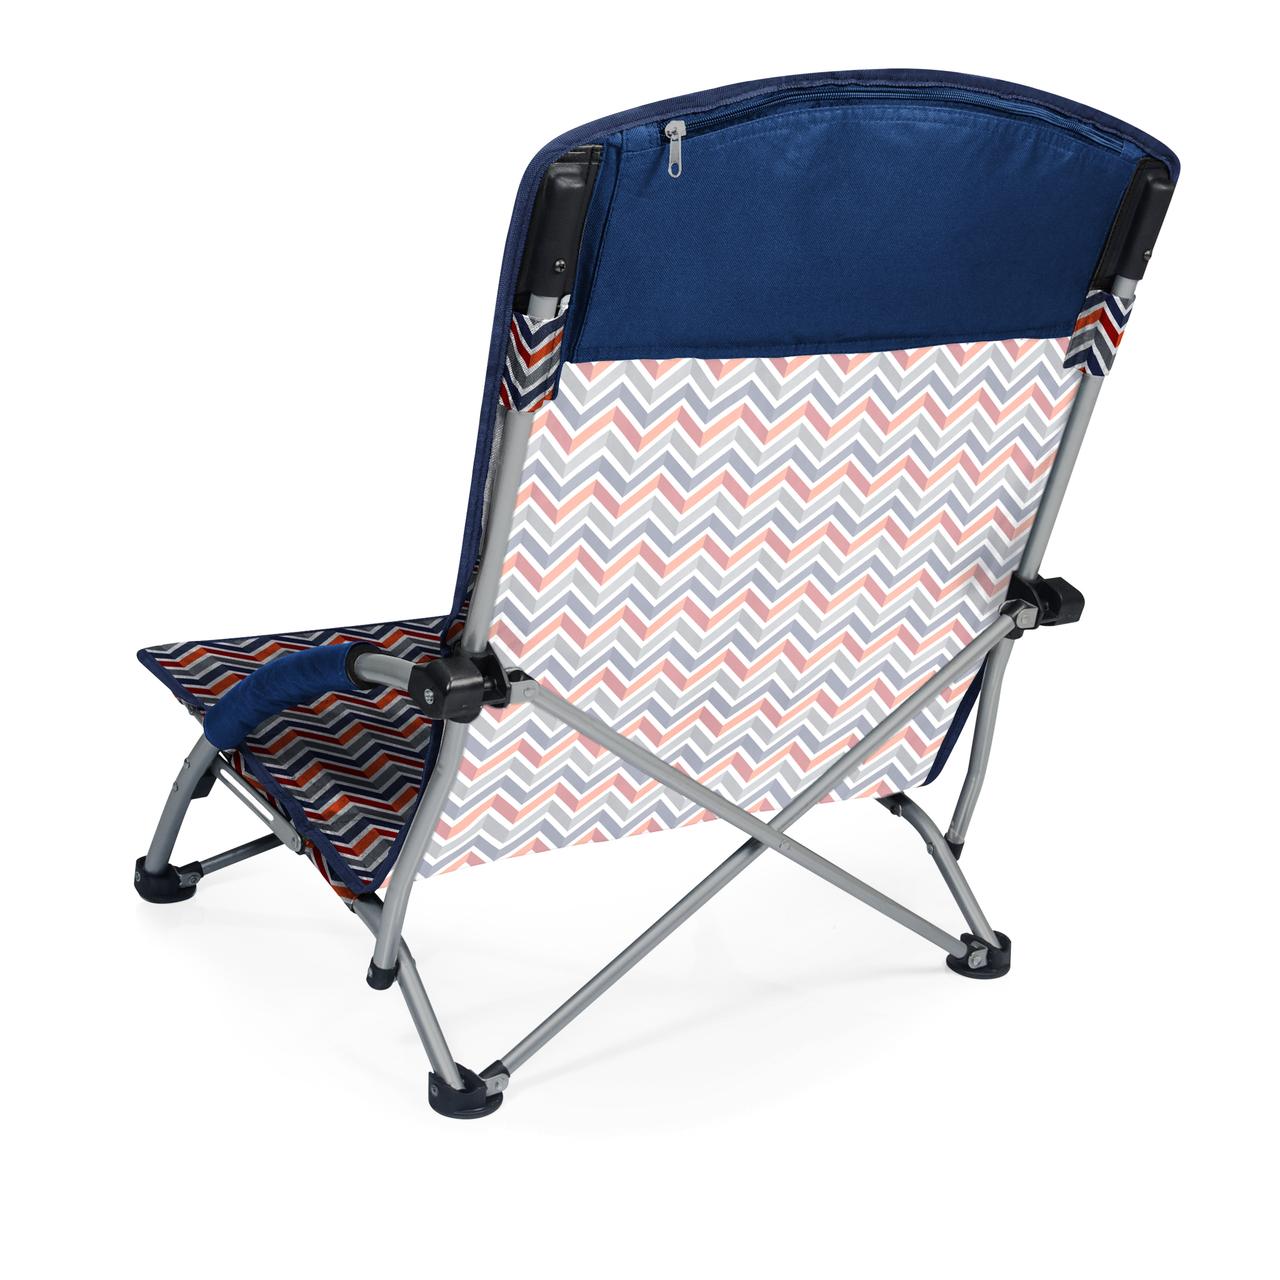 Tranquility Chair Portable Beach Chair